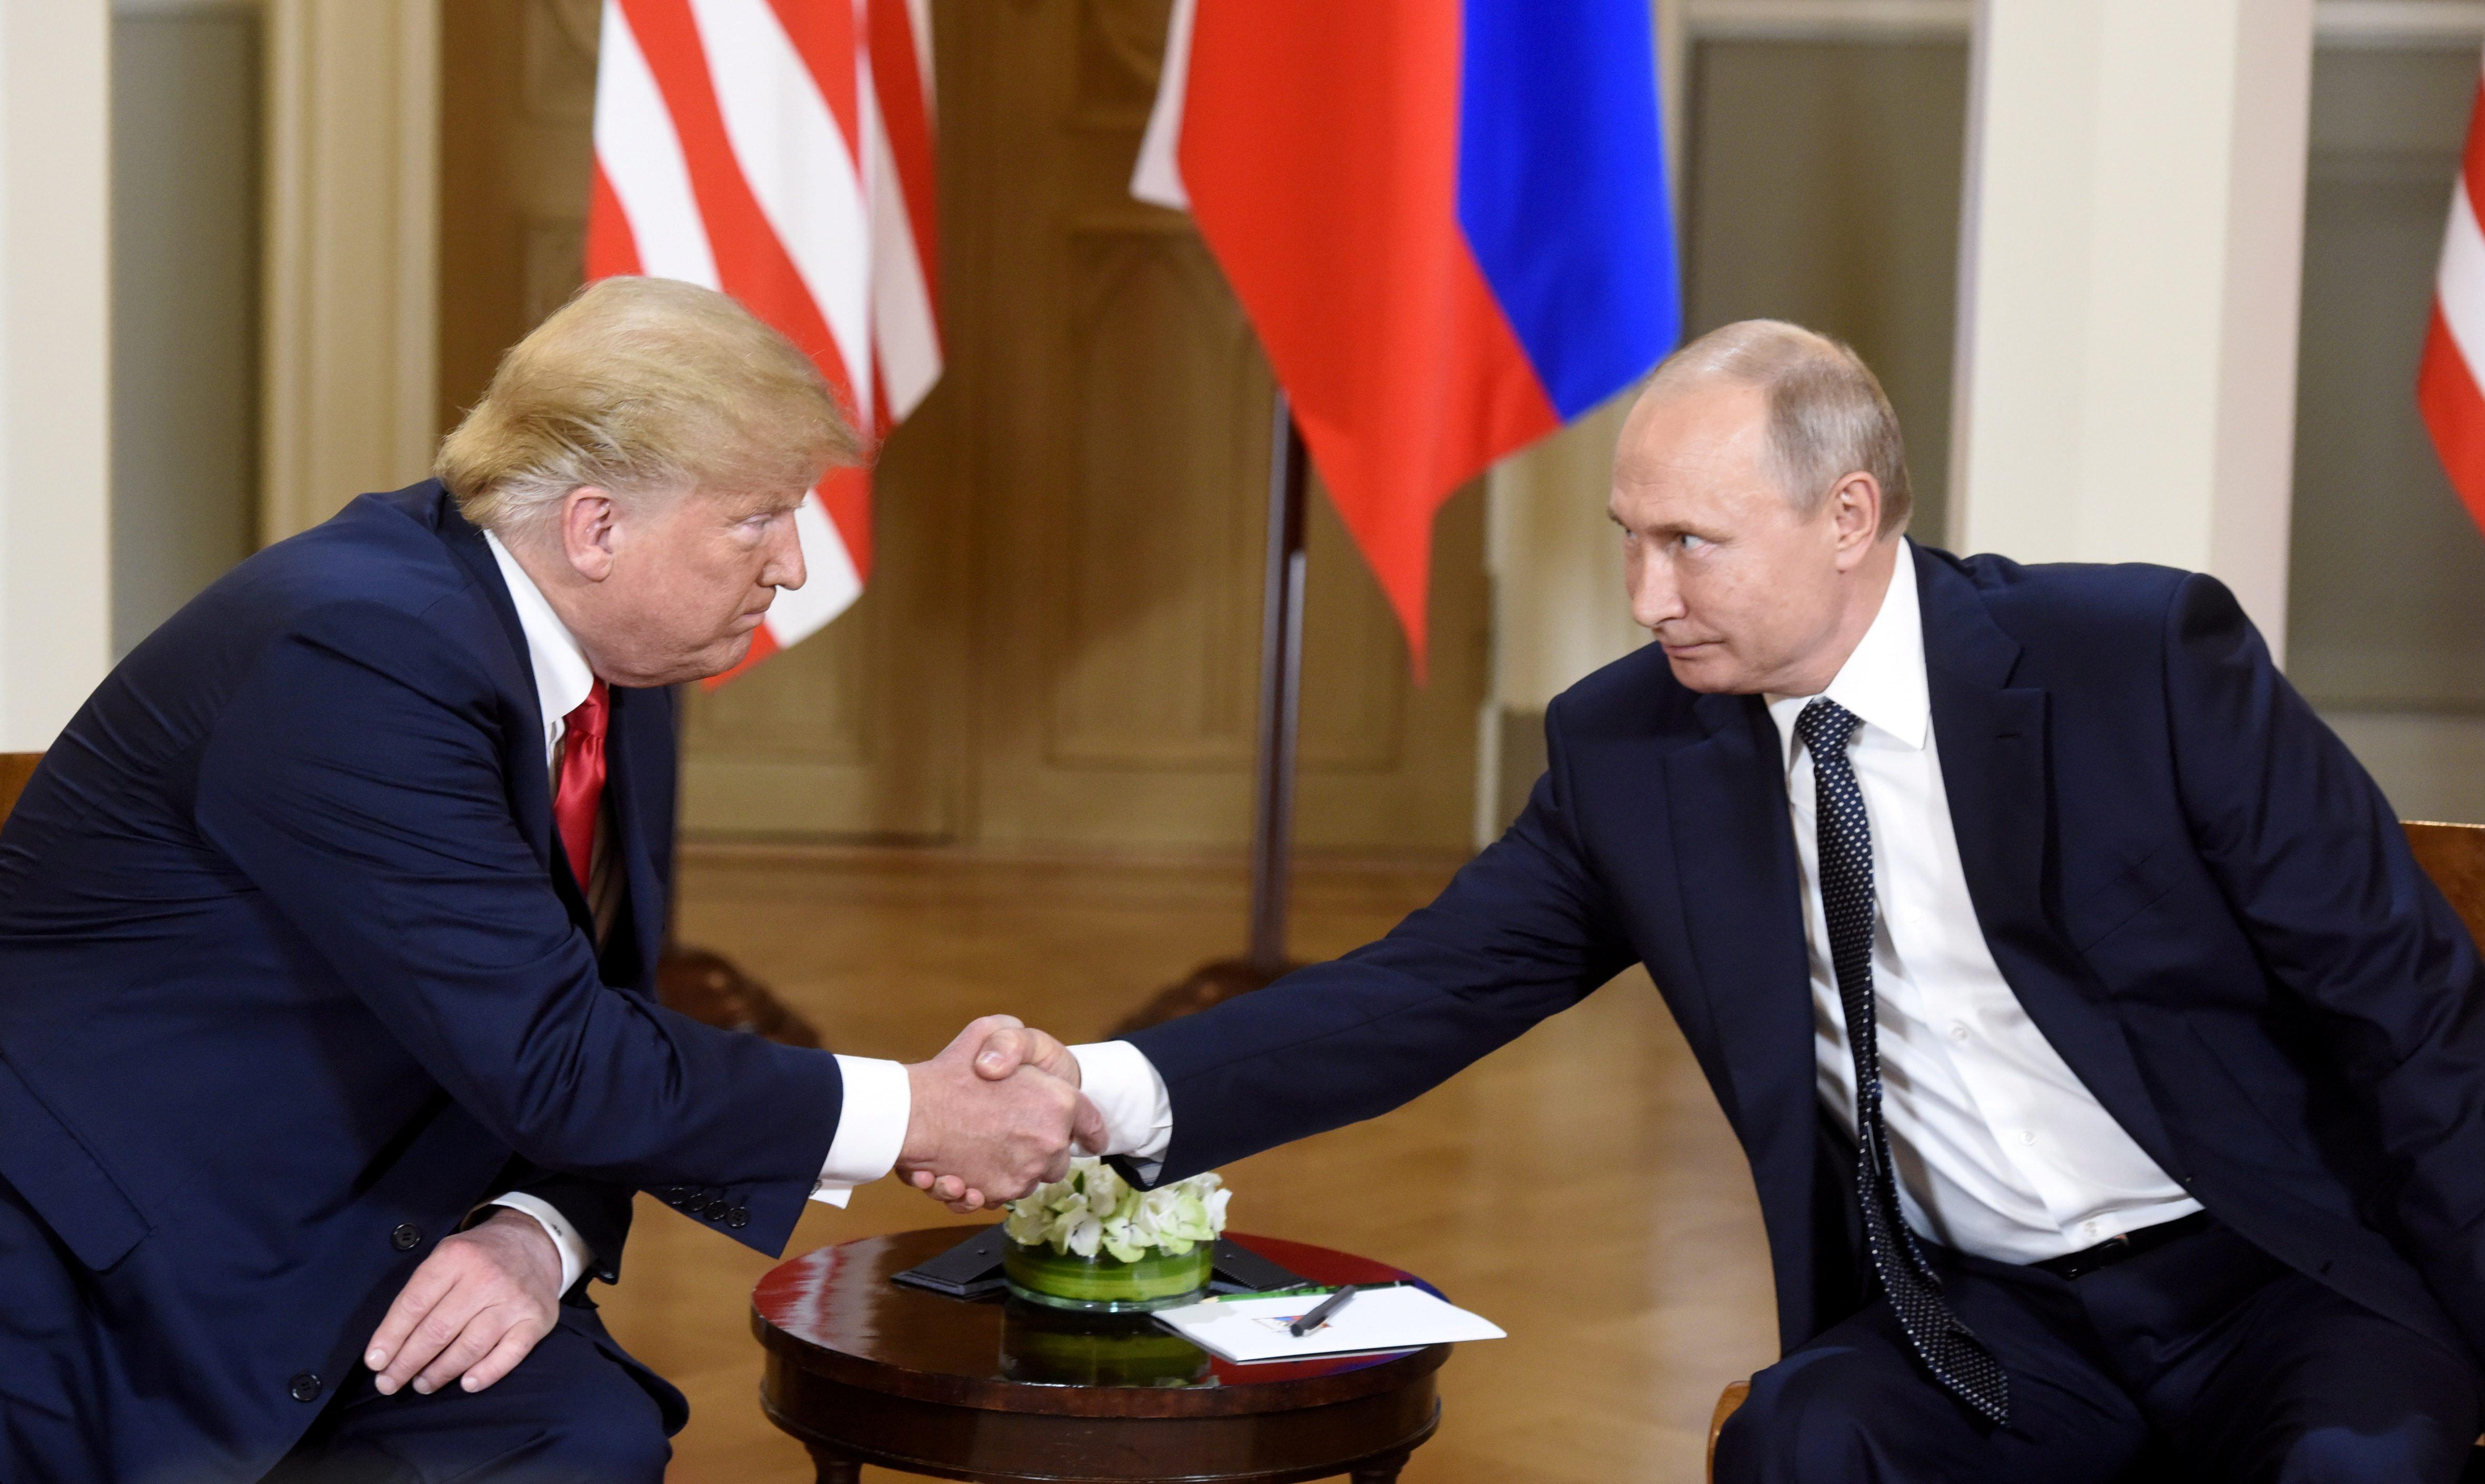 Le tête-à-tête Trump-Poutine à Helsinki, des sommets comme on en faisait plus depuis la Guerre